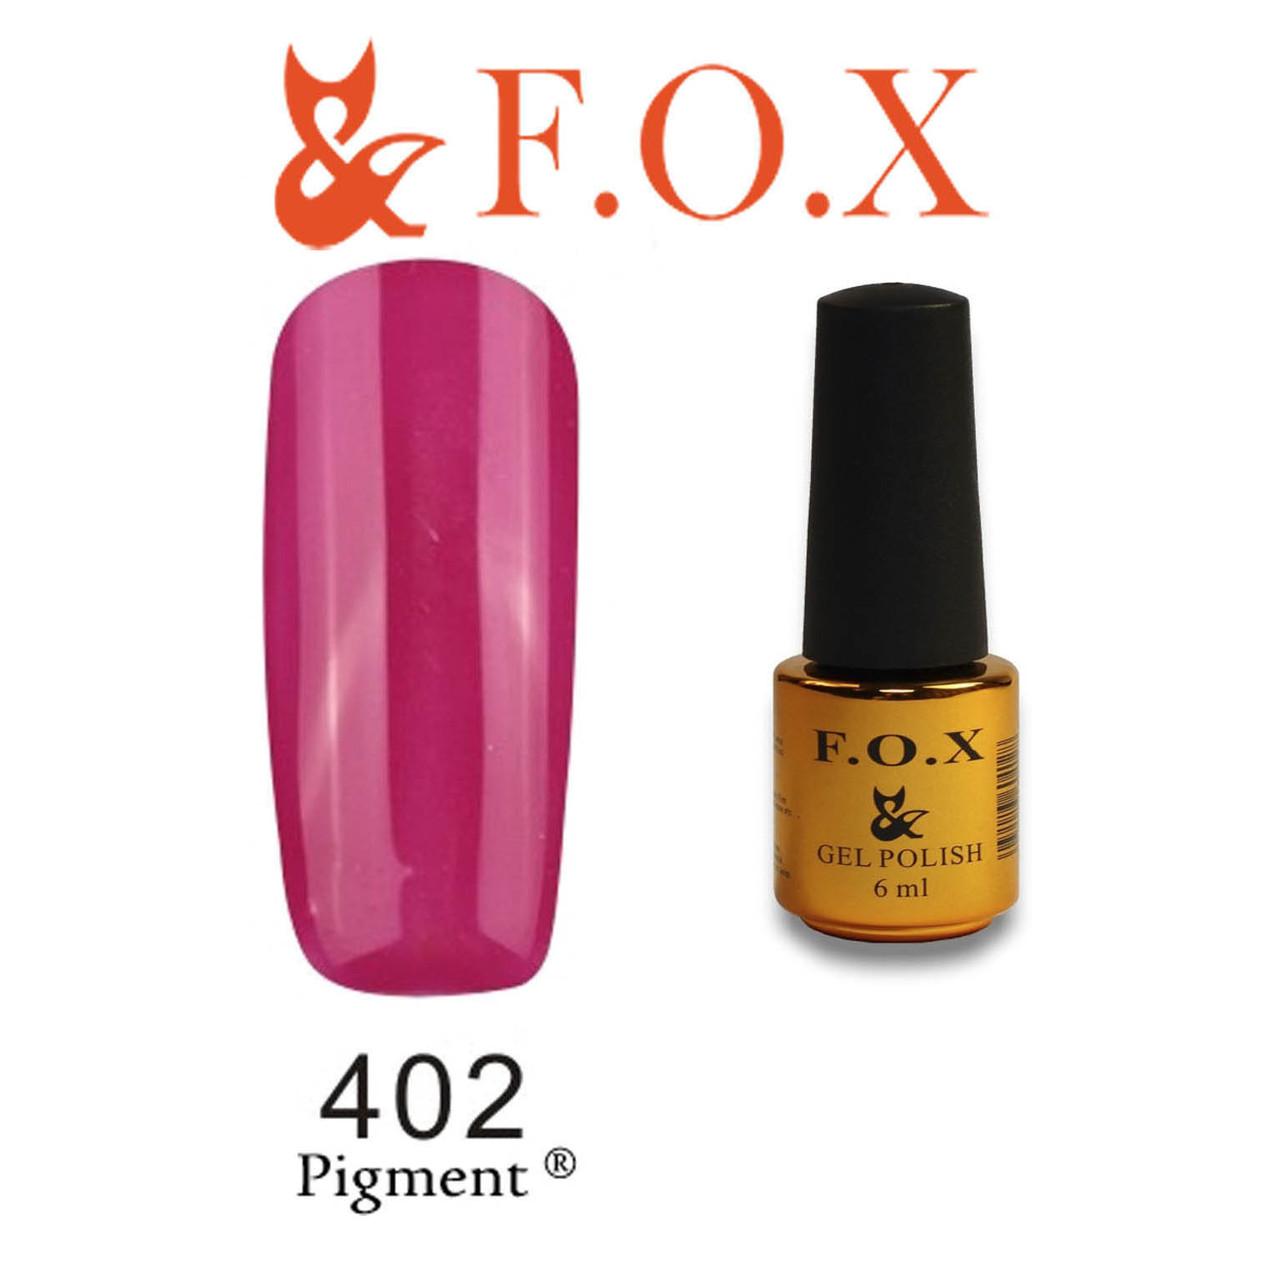 Гель-лак FOX № 402, (малиновый, фуксия), 6 мл